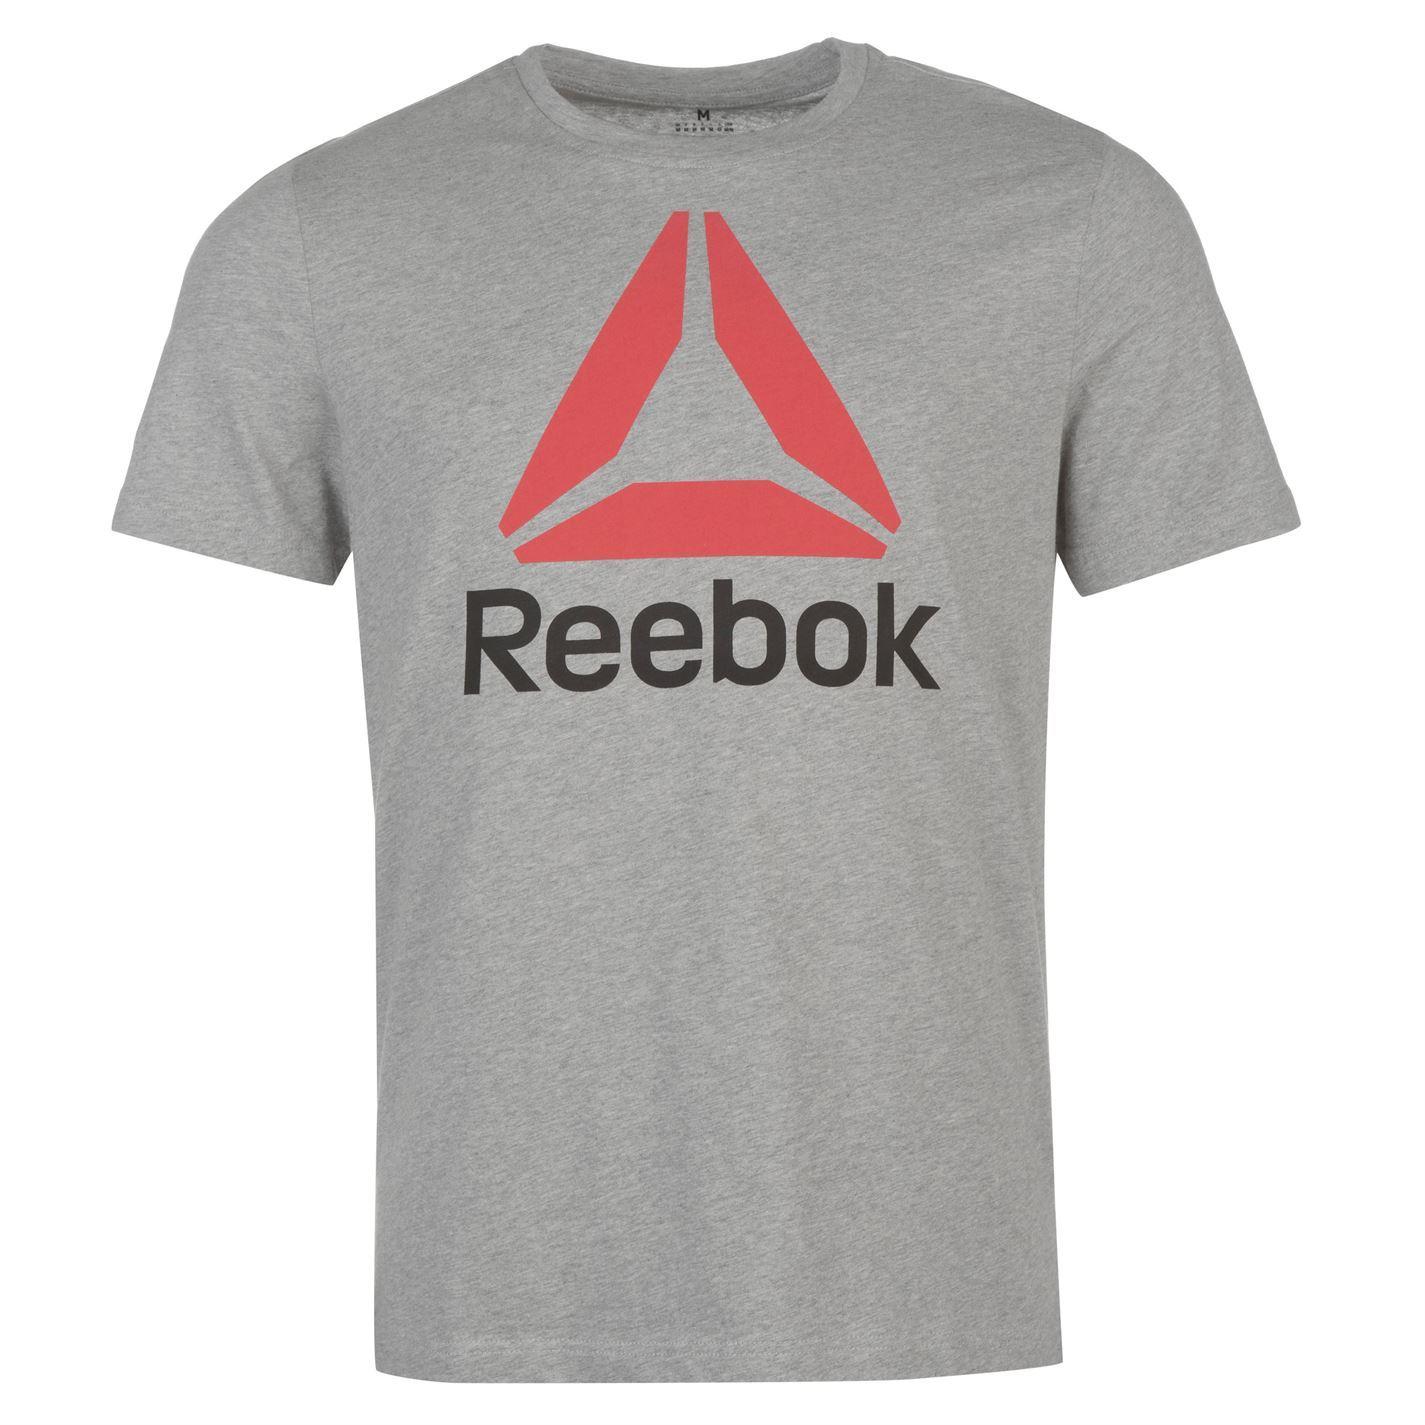 Reebok-Stack-Delta-Logo-T-Shirt-Mens-Tee-Shirt-Top thumbnail 12